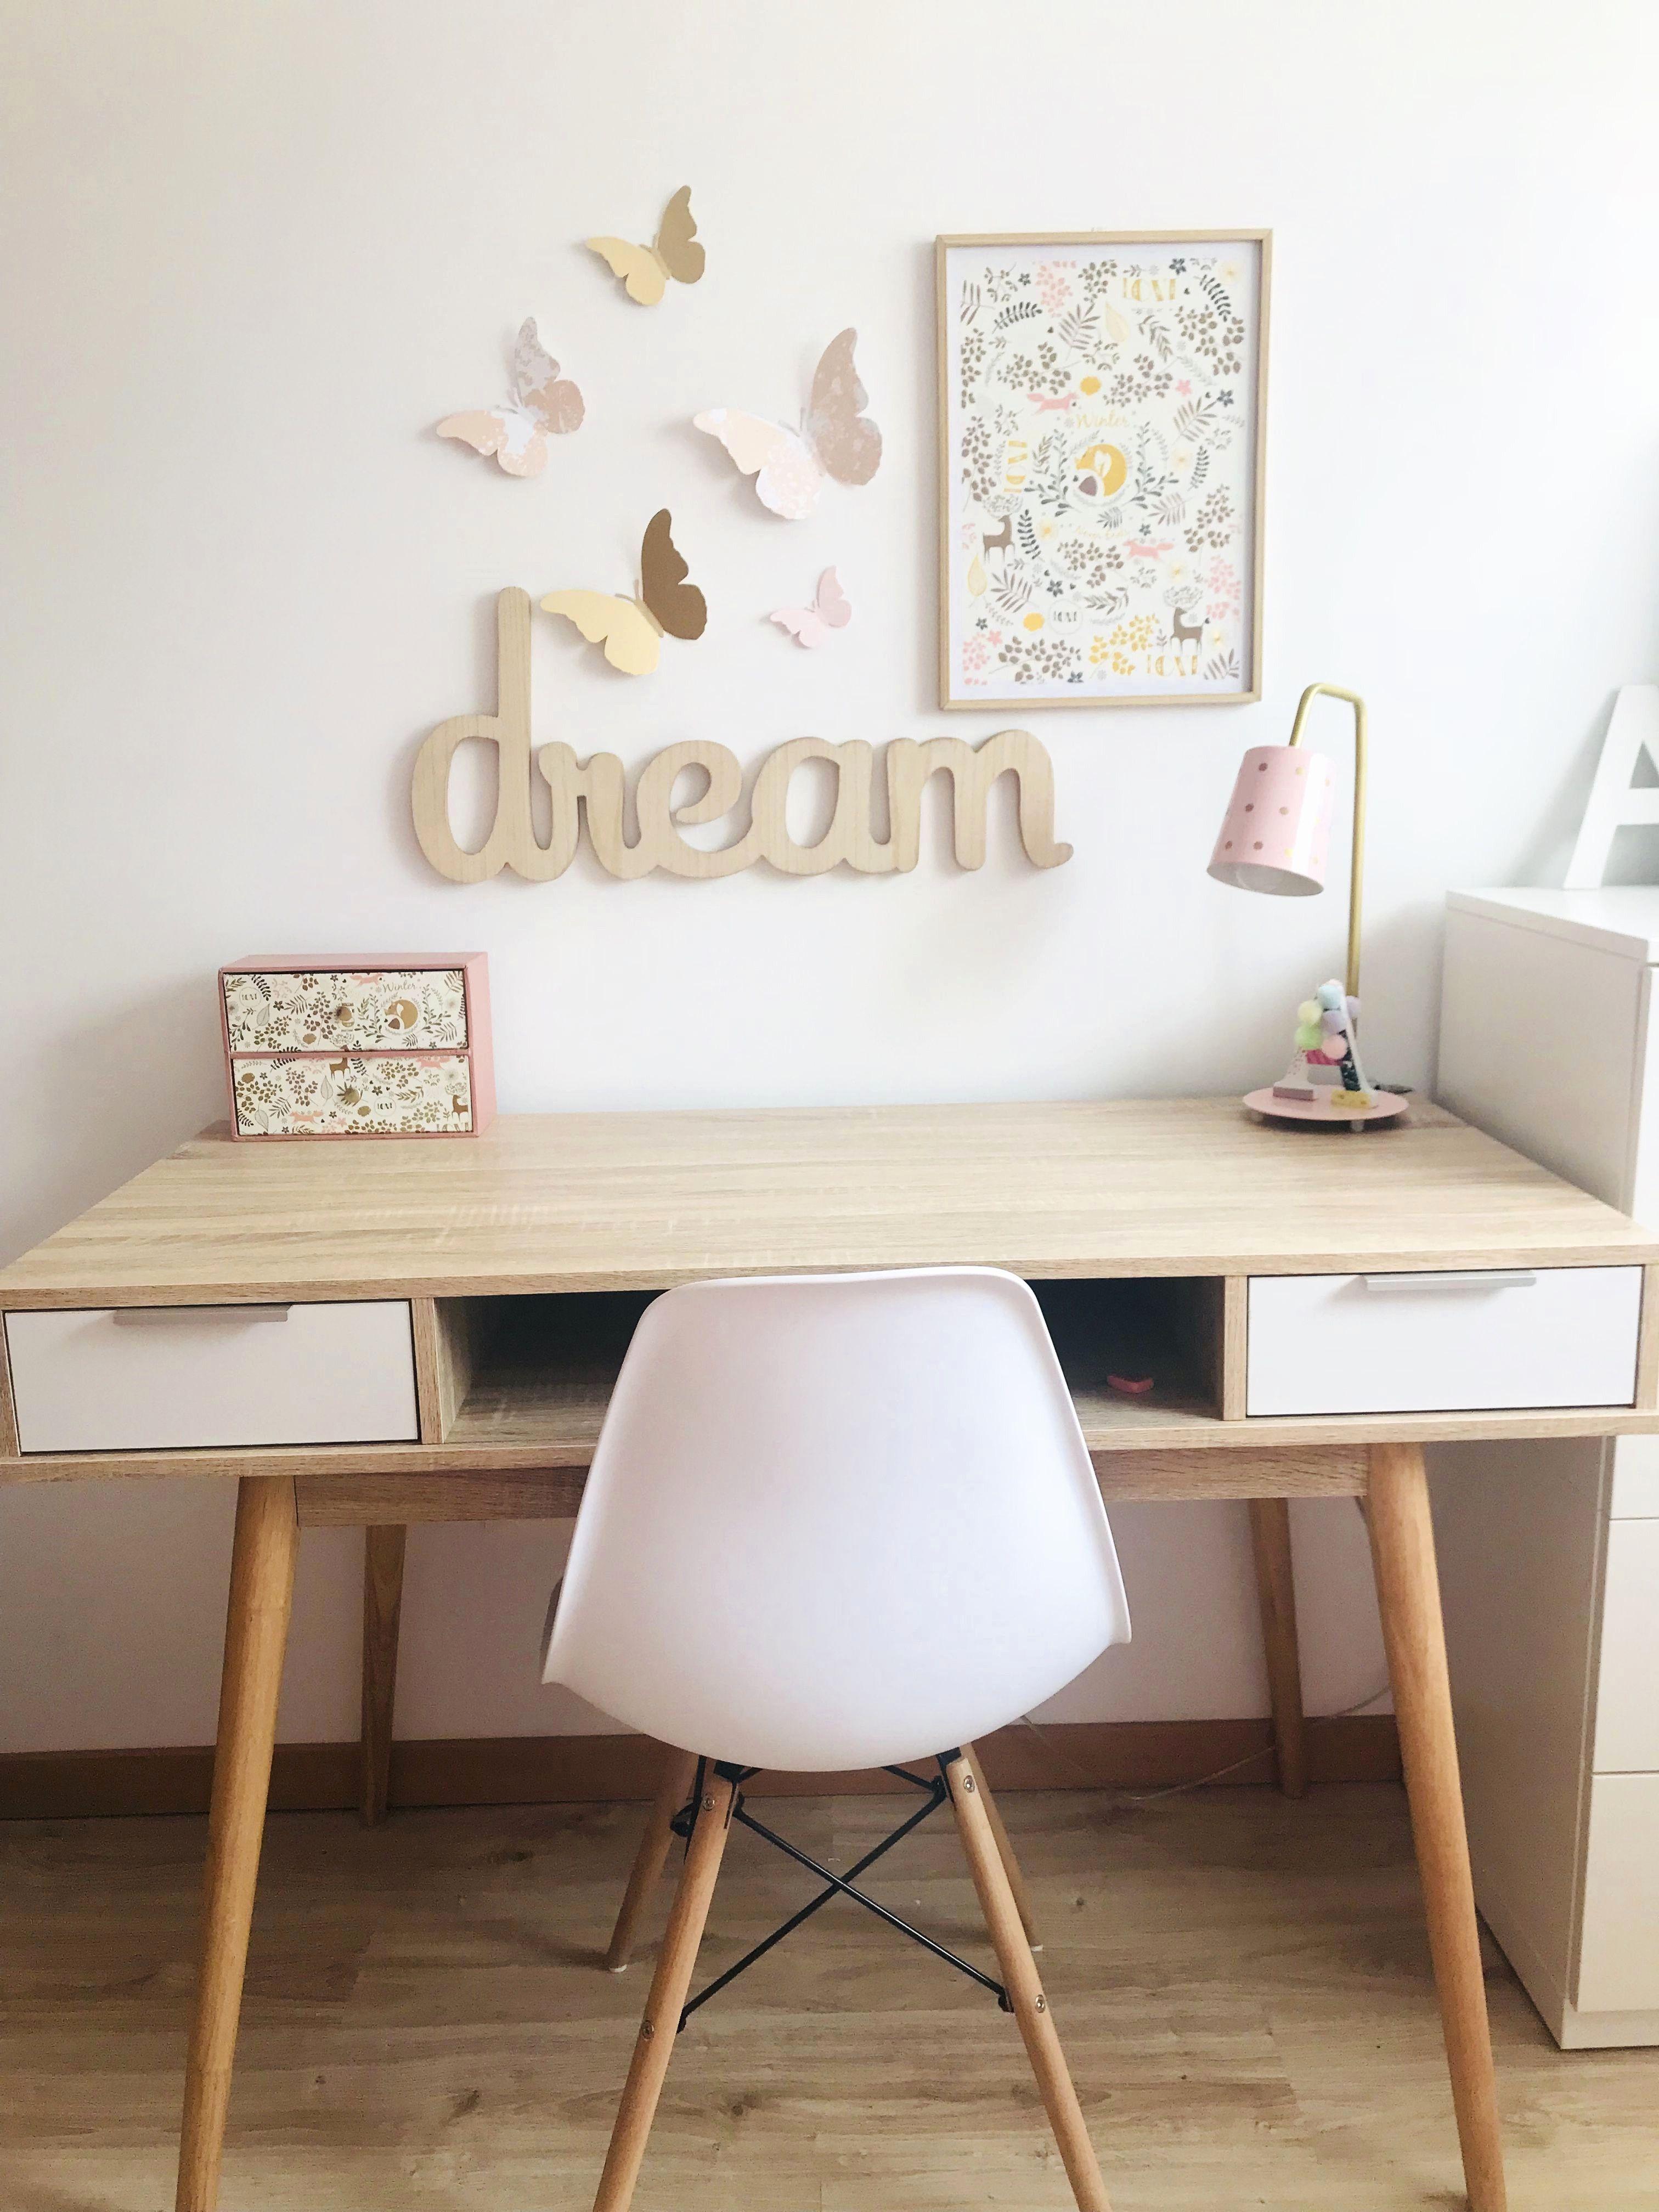 Tableau Deco Chambre Ikea 19 en 19  Decoración de habitación